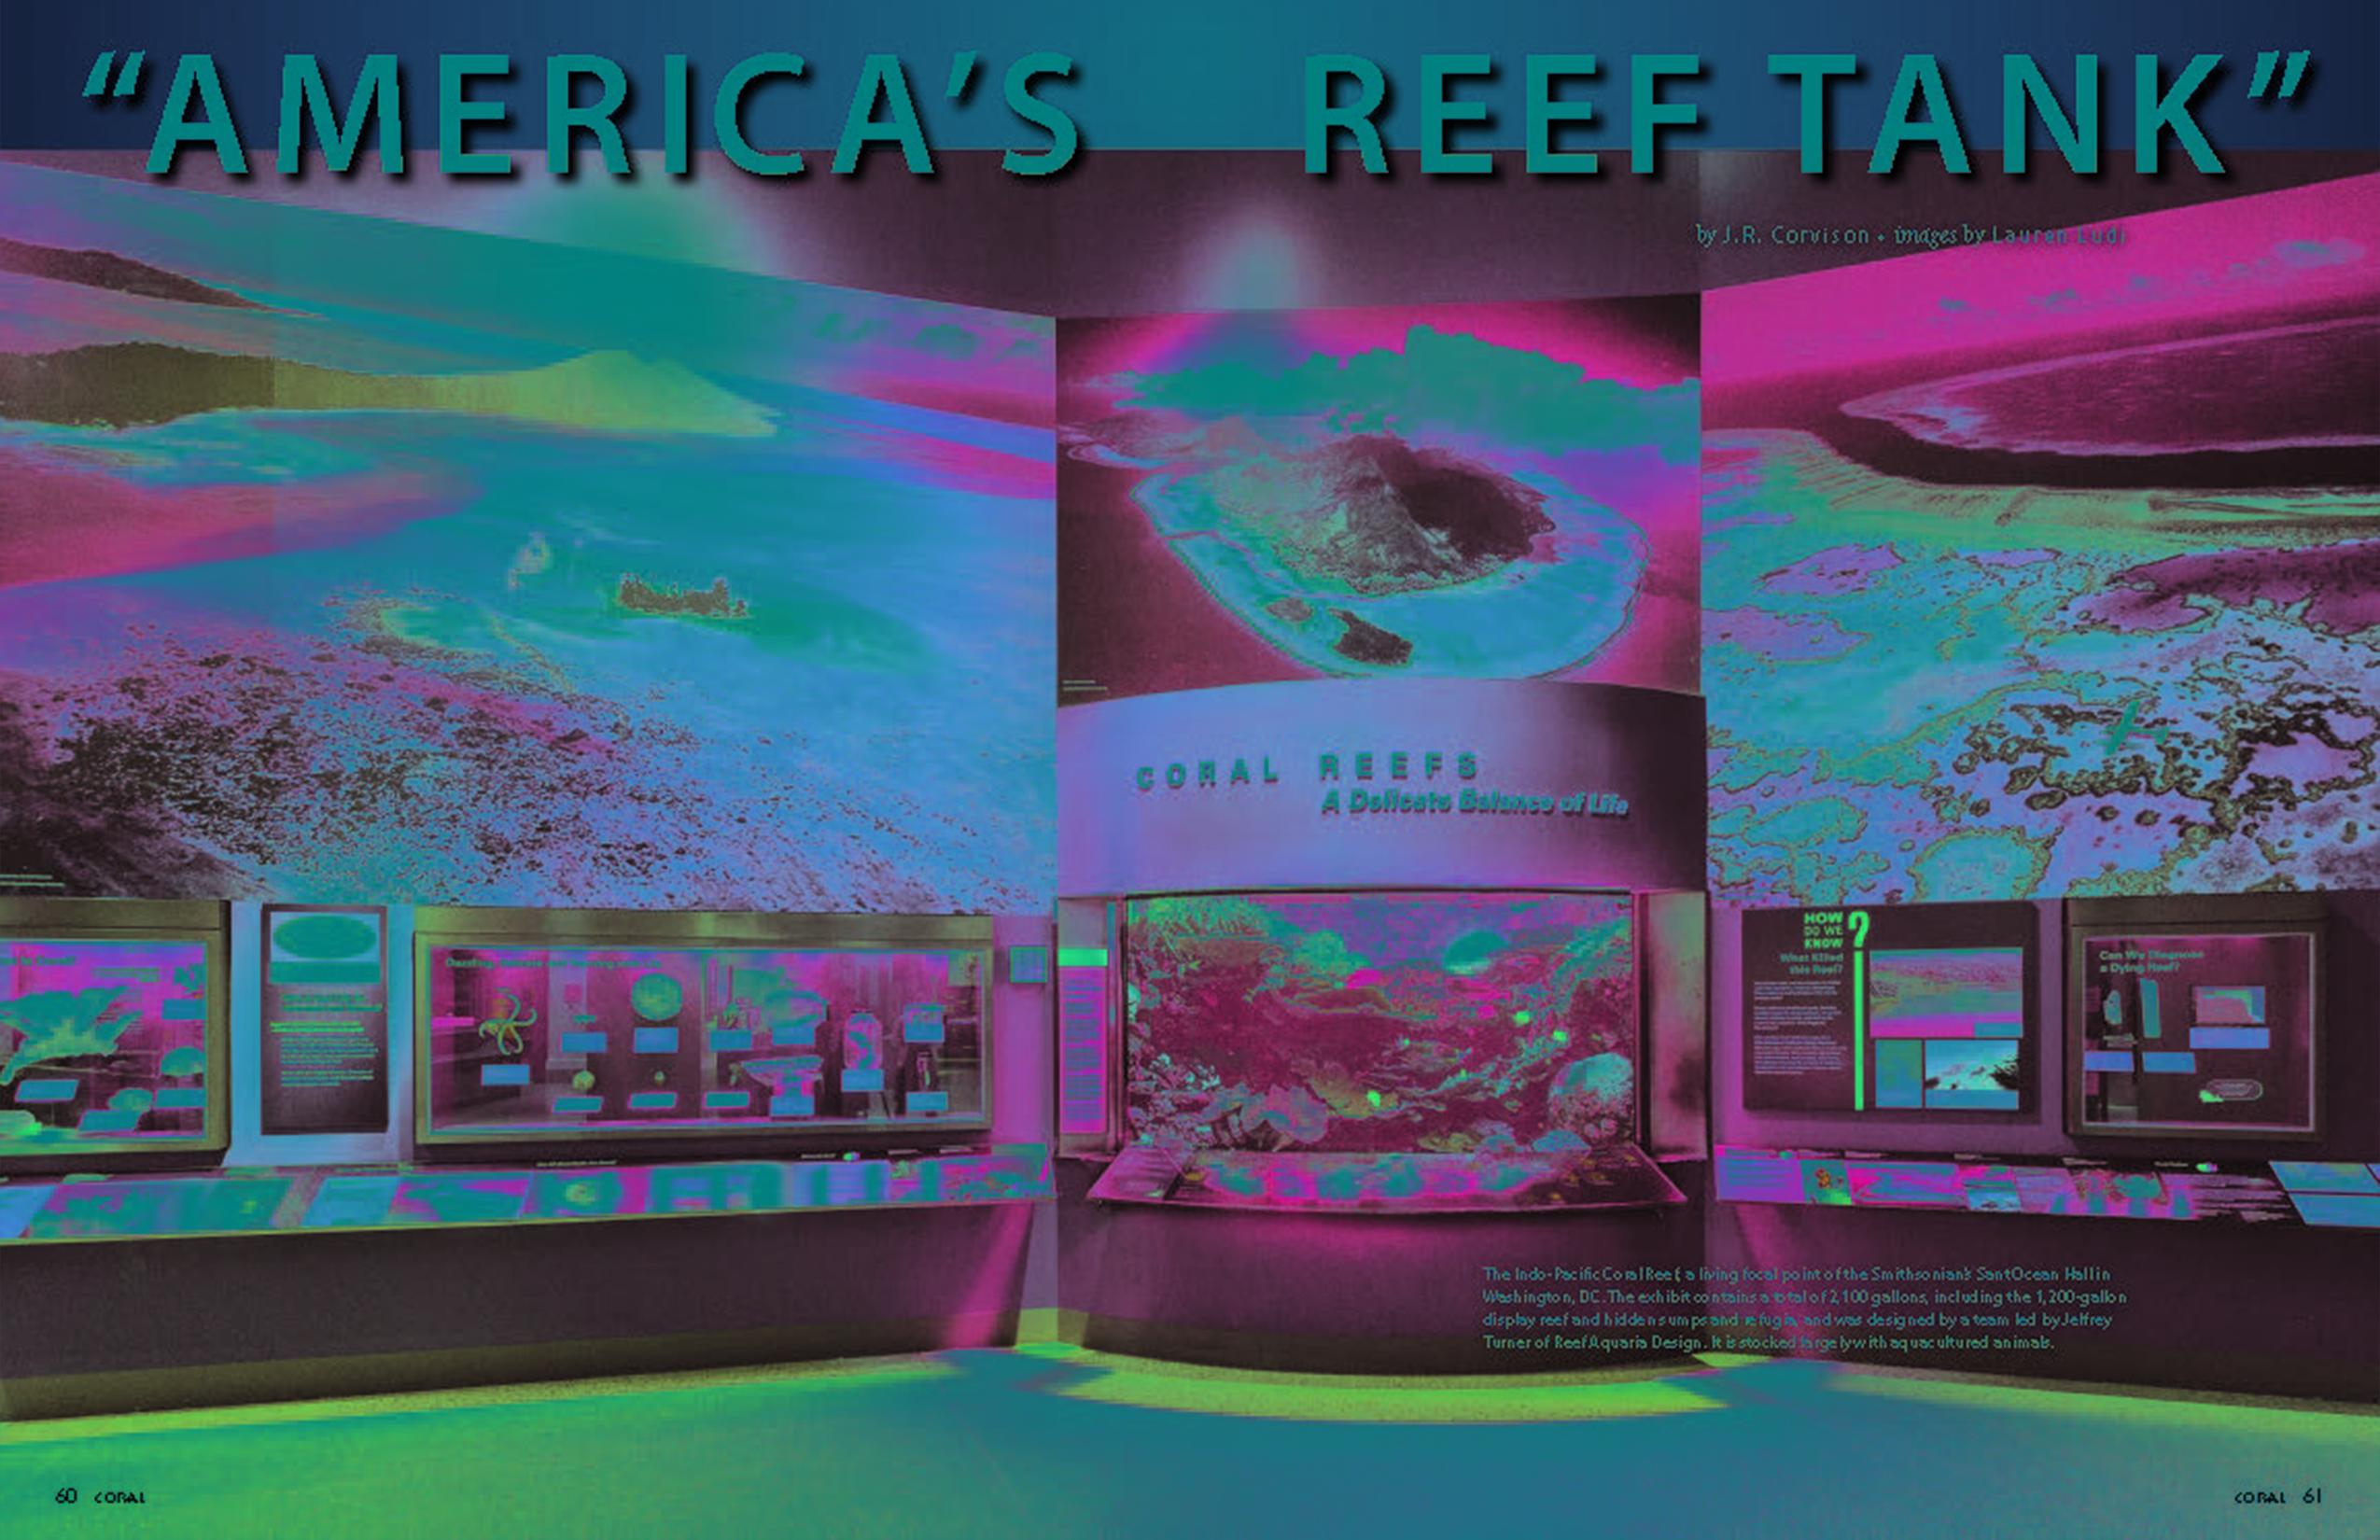 Americas's Reef Tank